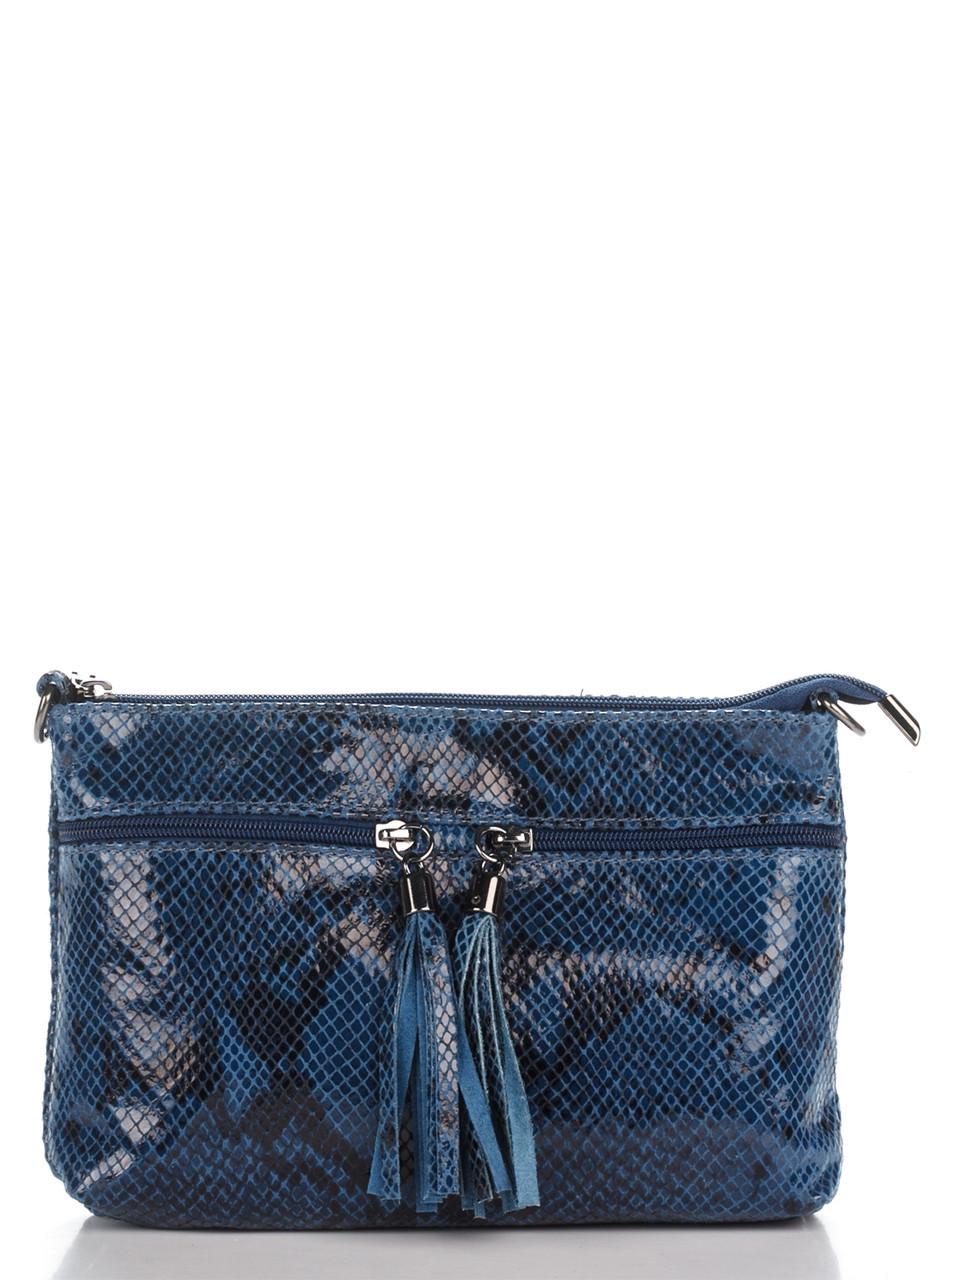 Жіноча шкіряна сумка LEA diva's Bag колір синій